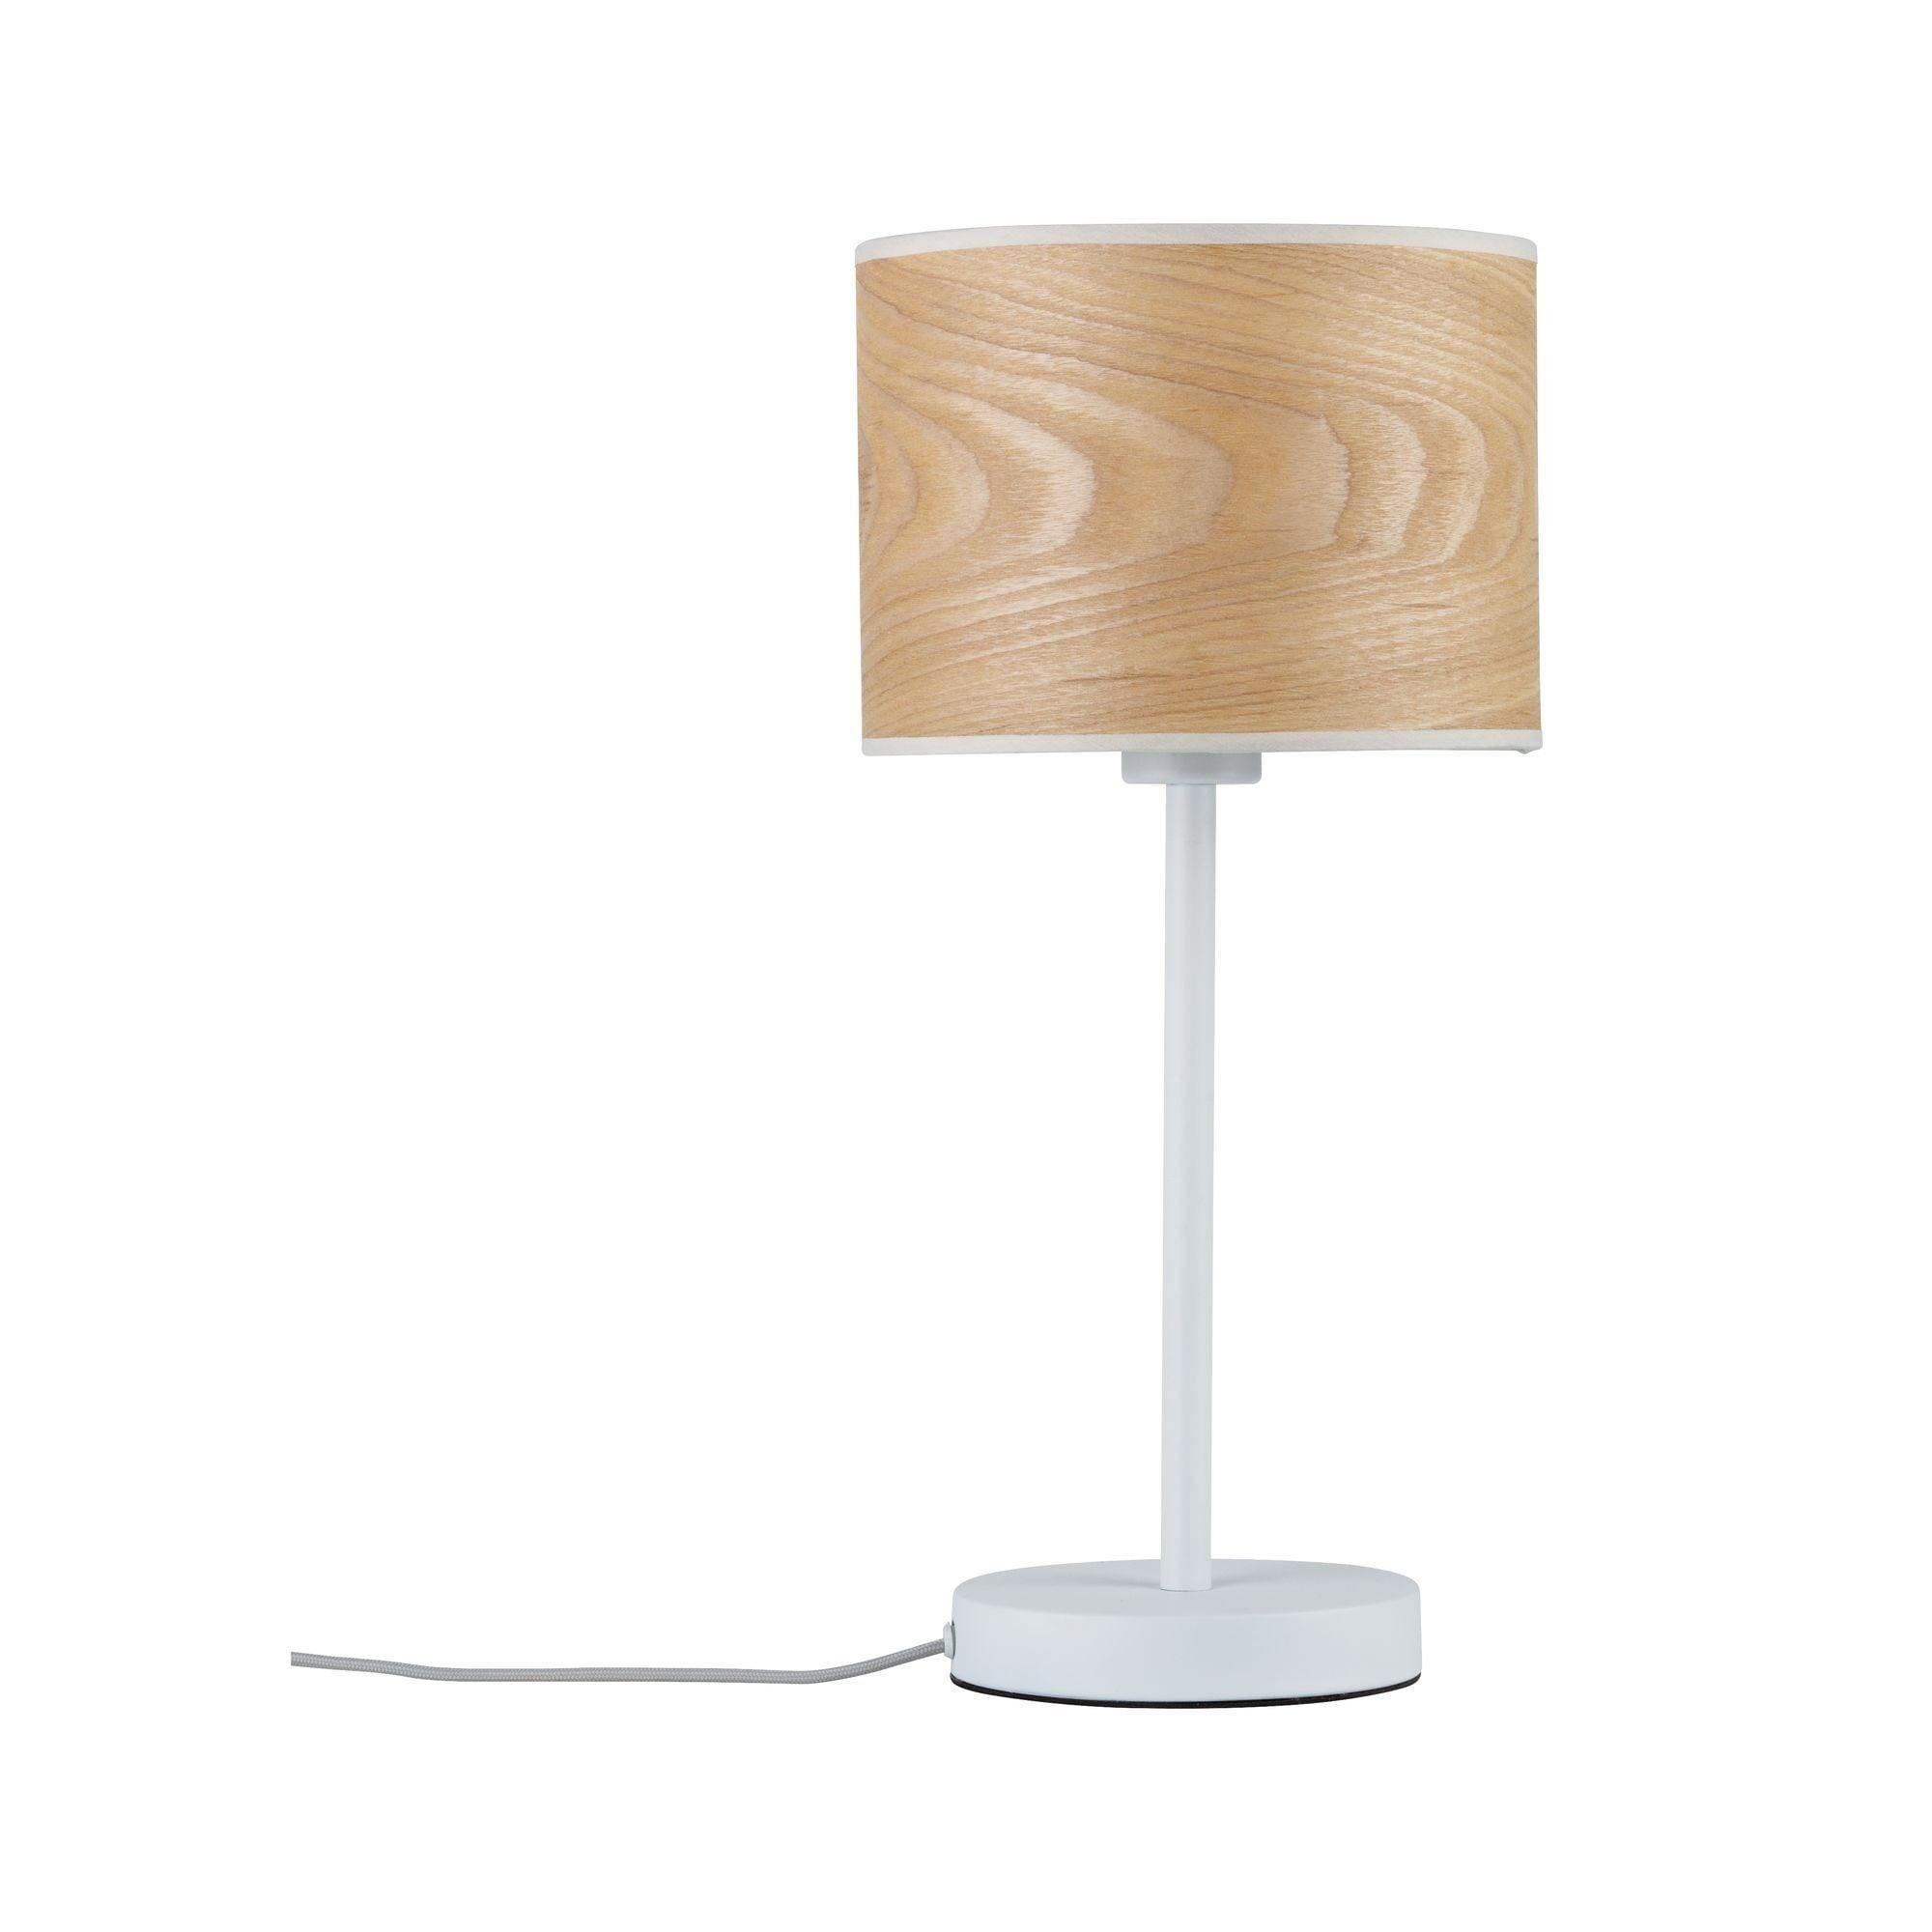 Paulmann LED Tischleuchte Neordic Neta Weiß/Holz, E27, 1 St.